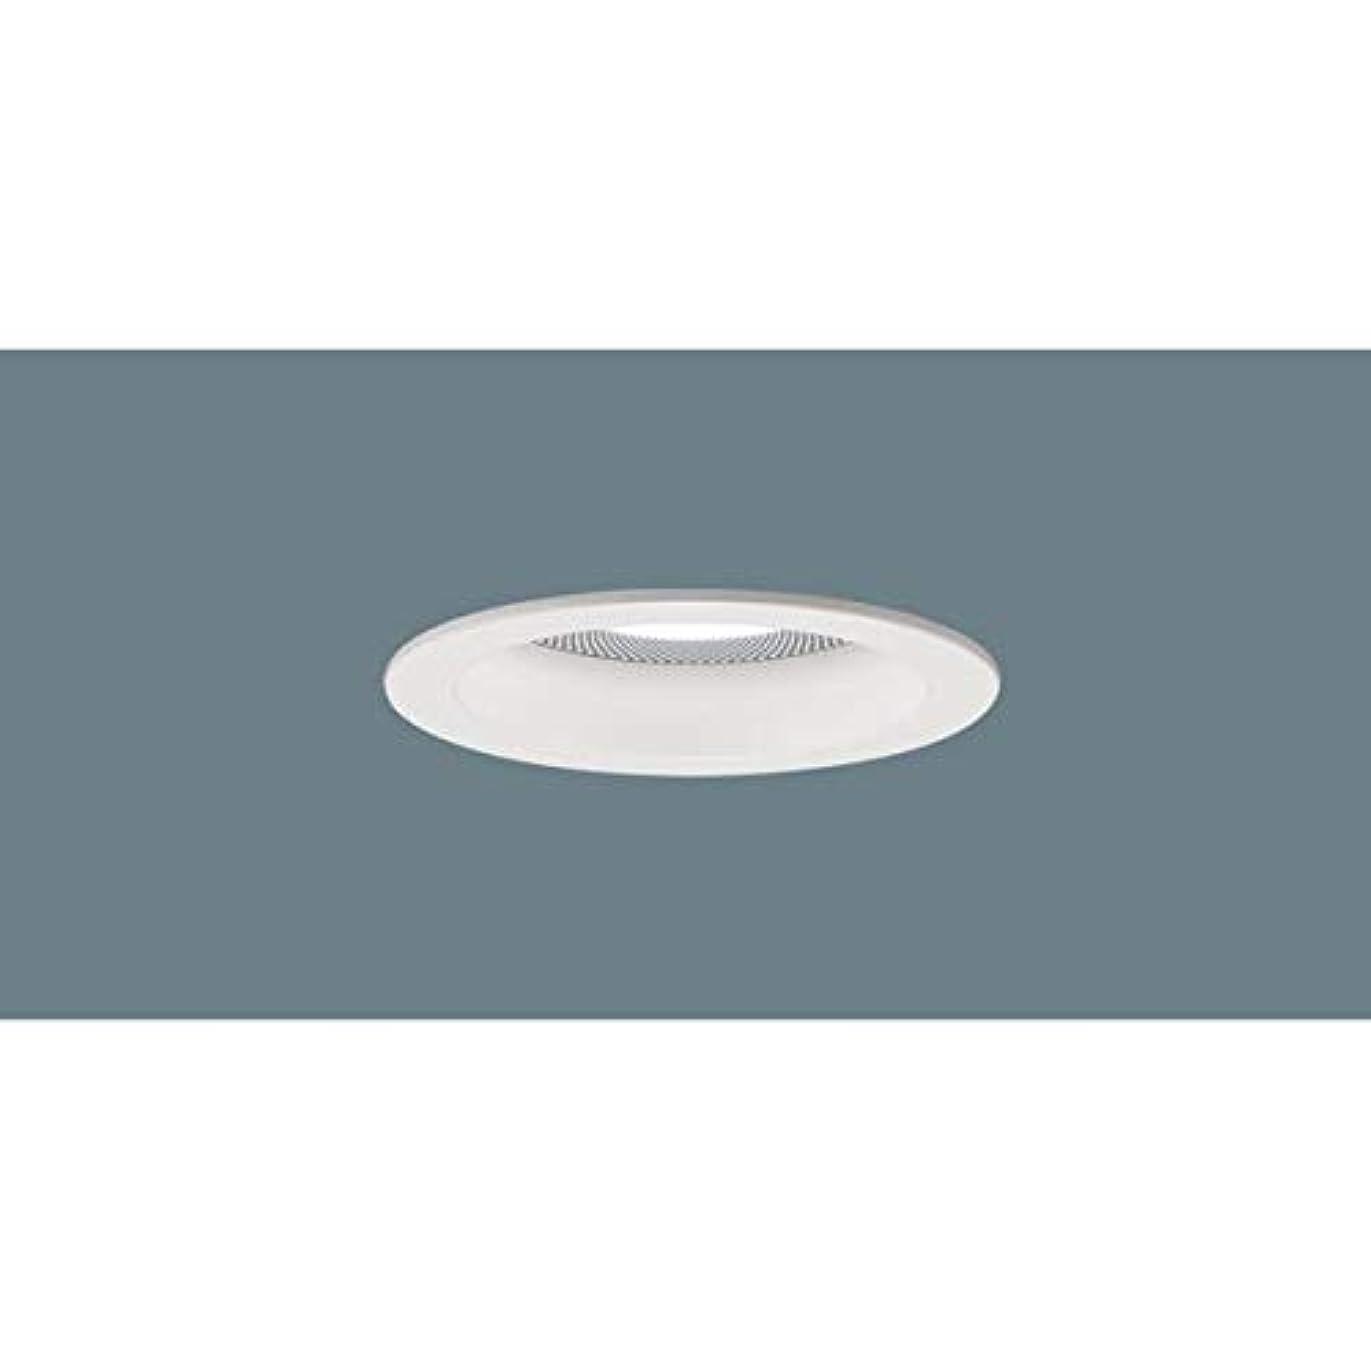 アンカー錆び国家PANASONIC LGD1138VLB1 [天井埋込型 LED(温白色) ダウンライト 調光タイプ(ライコン別売)?スピーカー付]